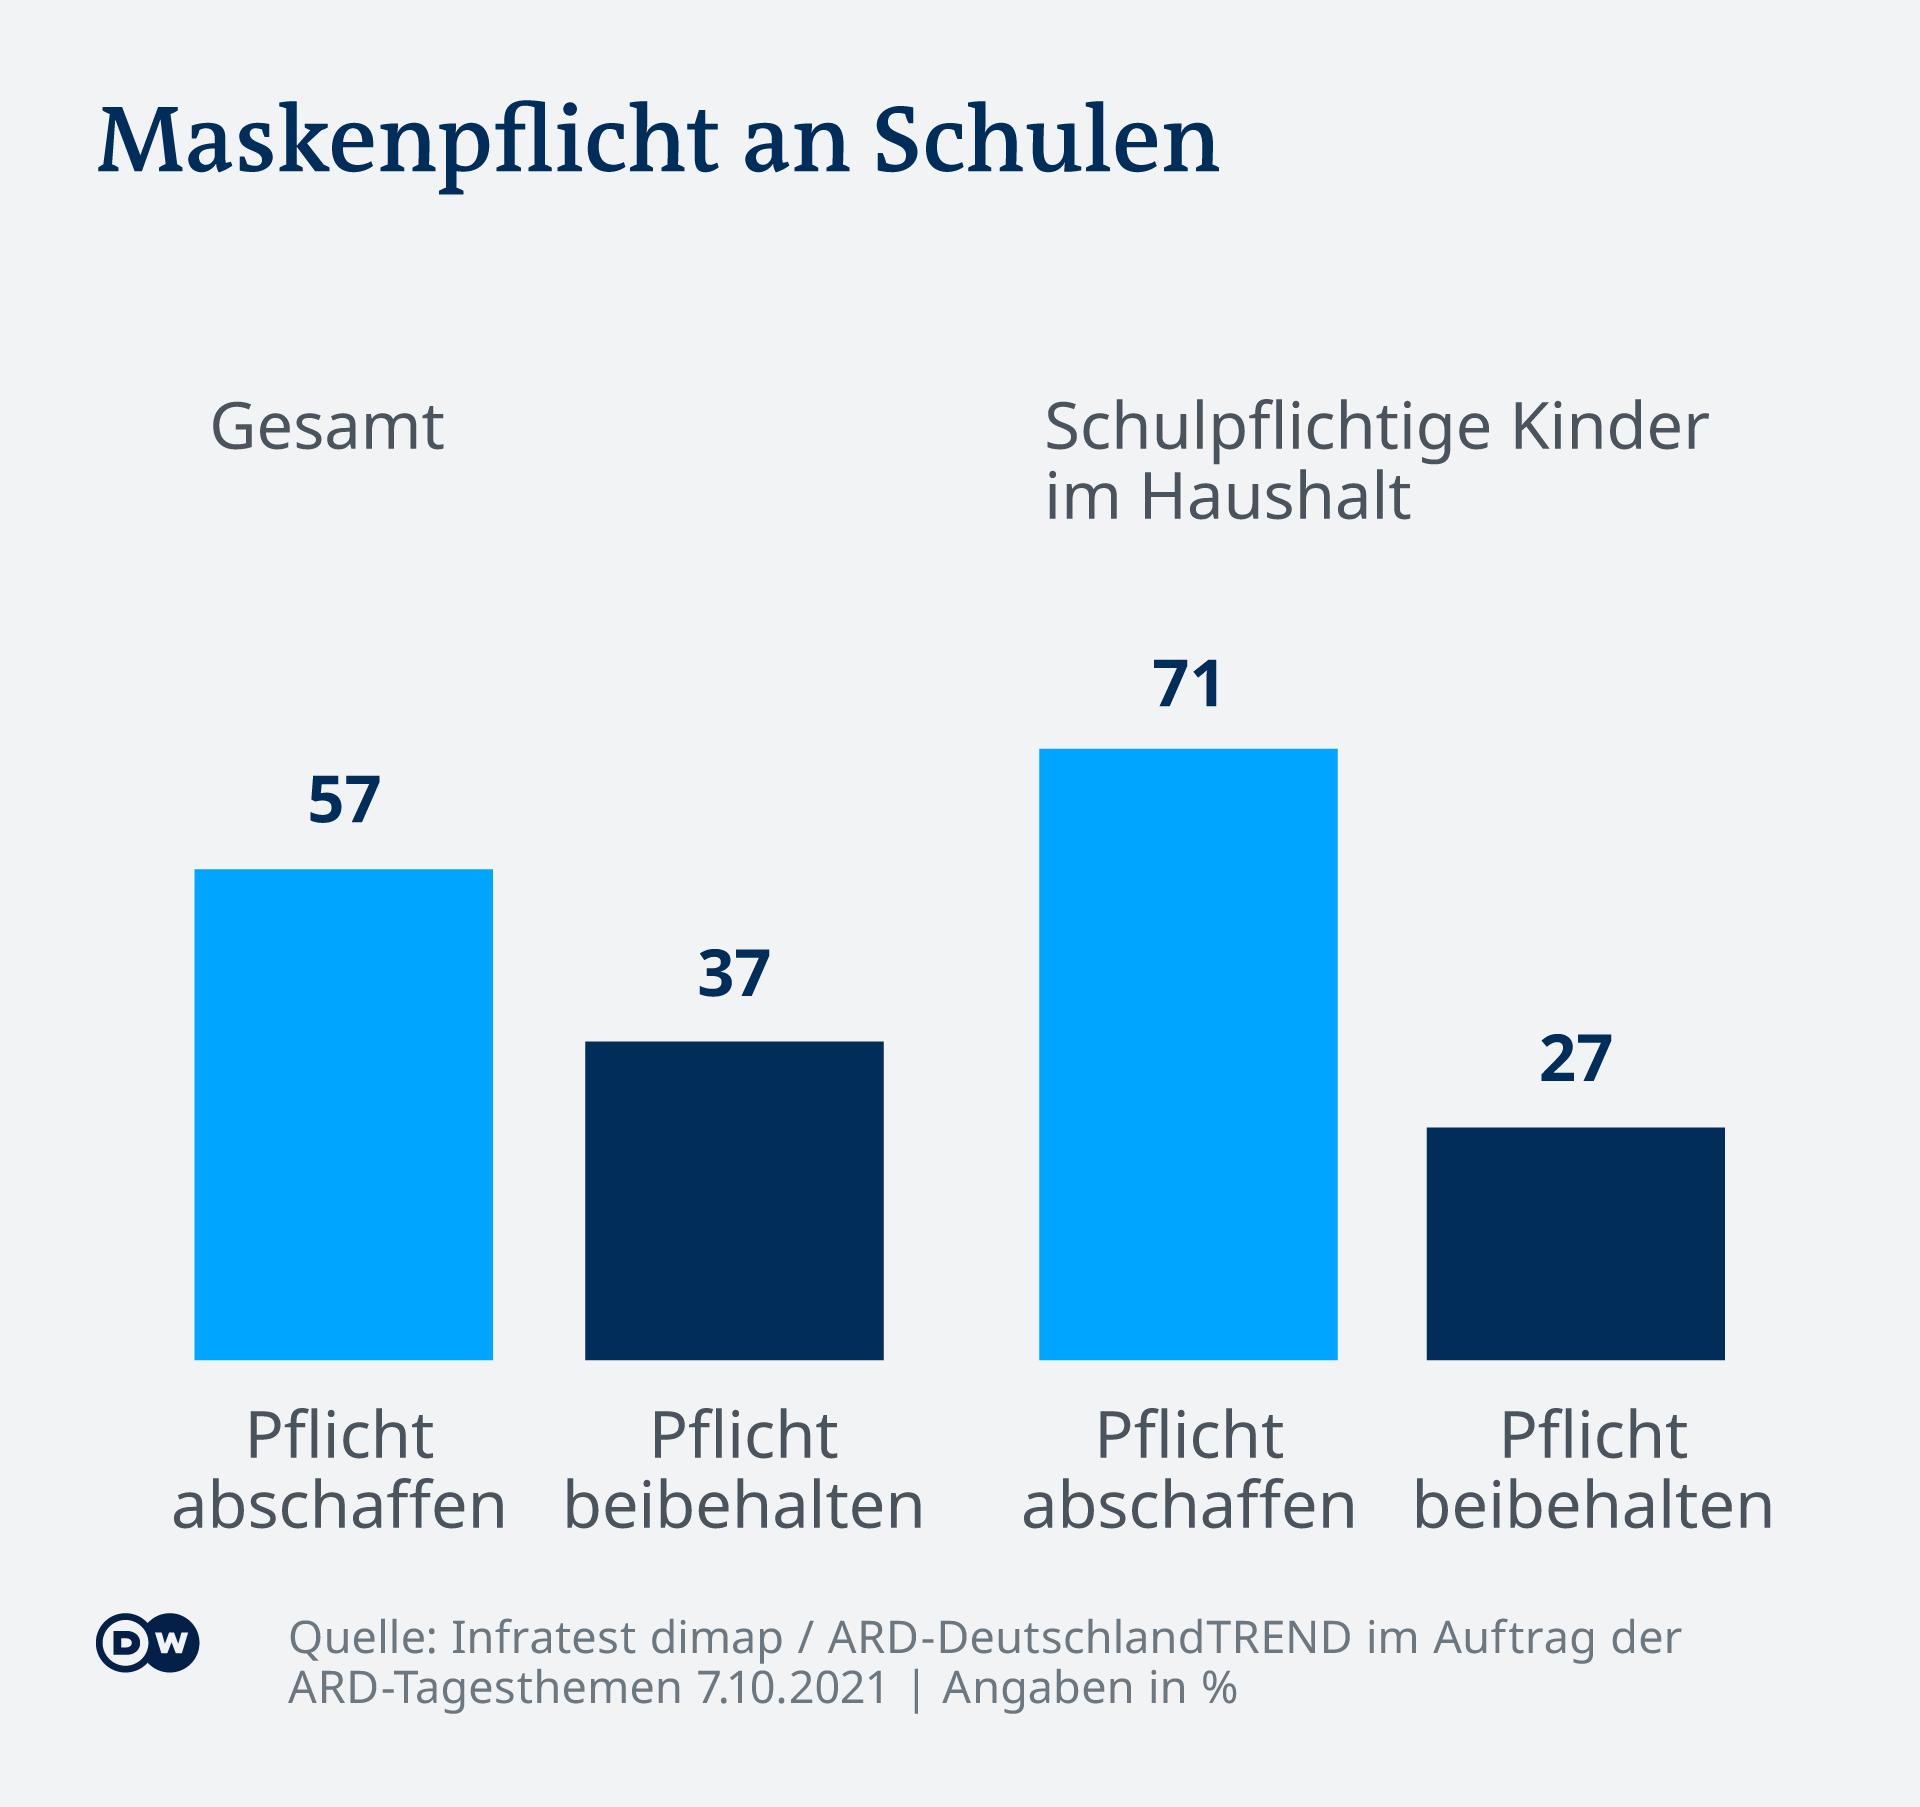 Infografică Deutschlandtrend obligativitatea purtării măștii în școli